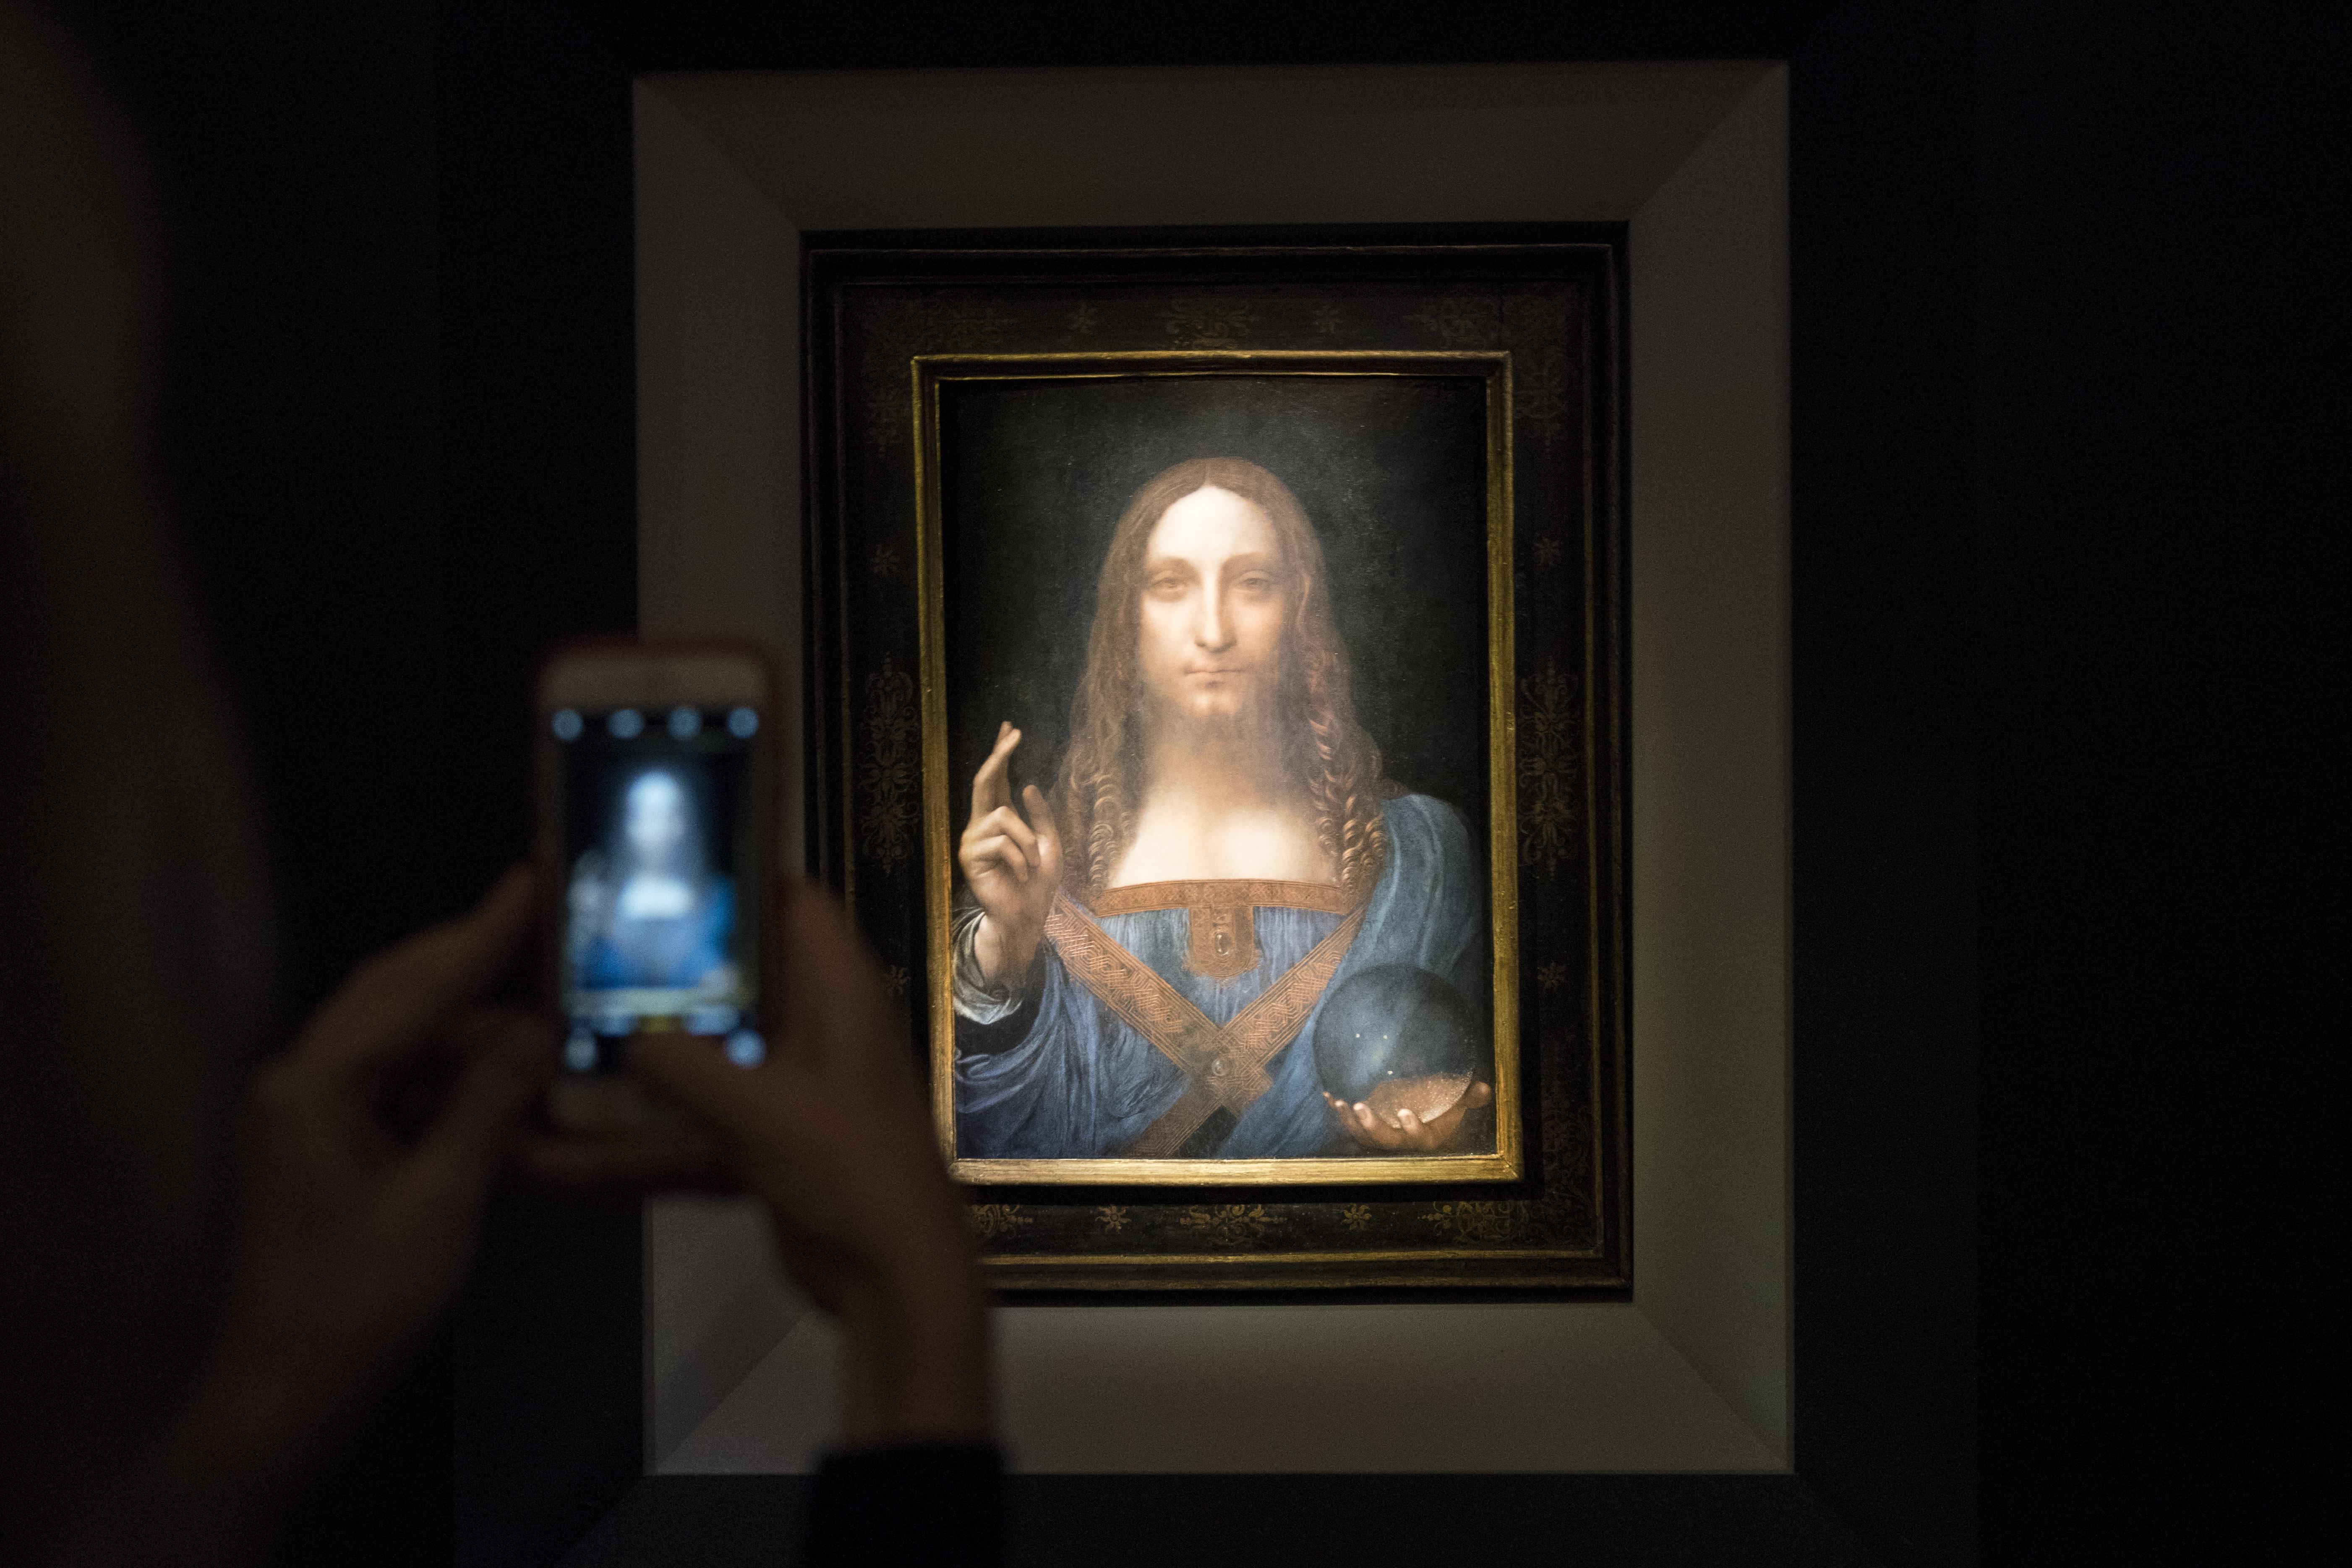 A szaúdi koronaherceg jachtján lóghat Leonardo 450 millió dollárért elkelt festménye